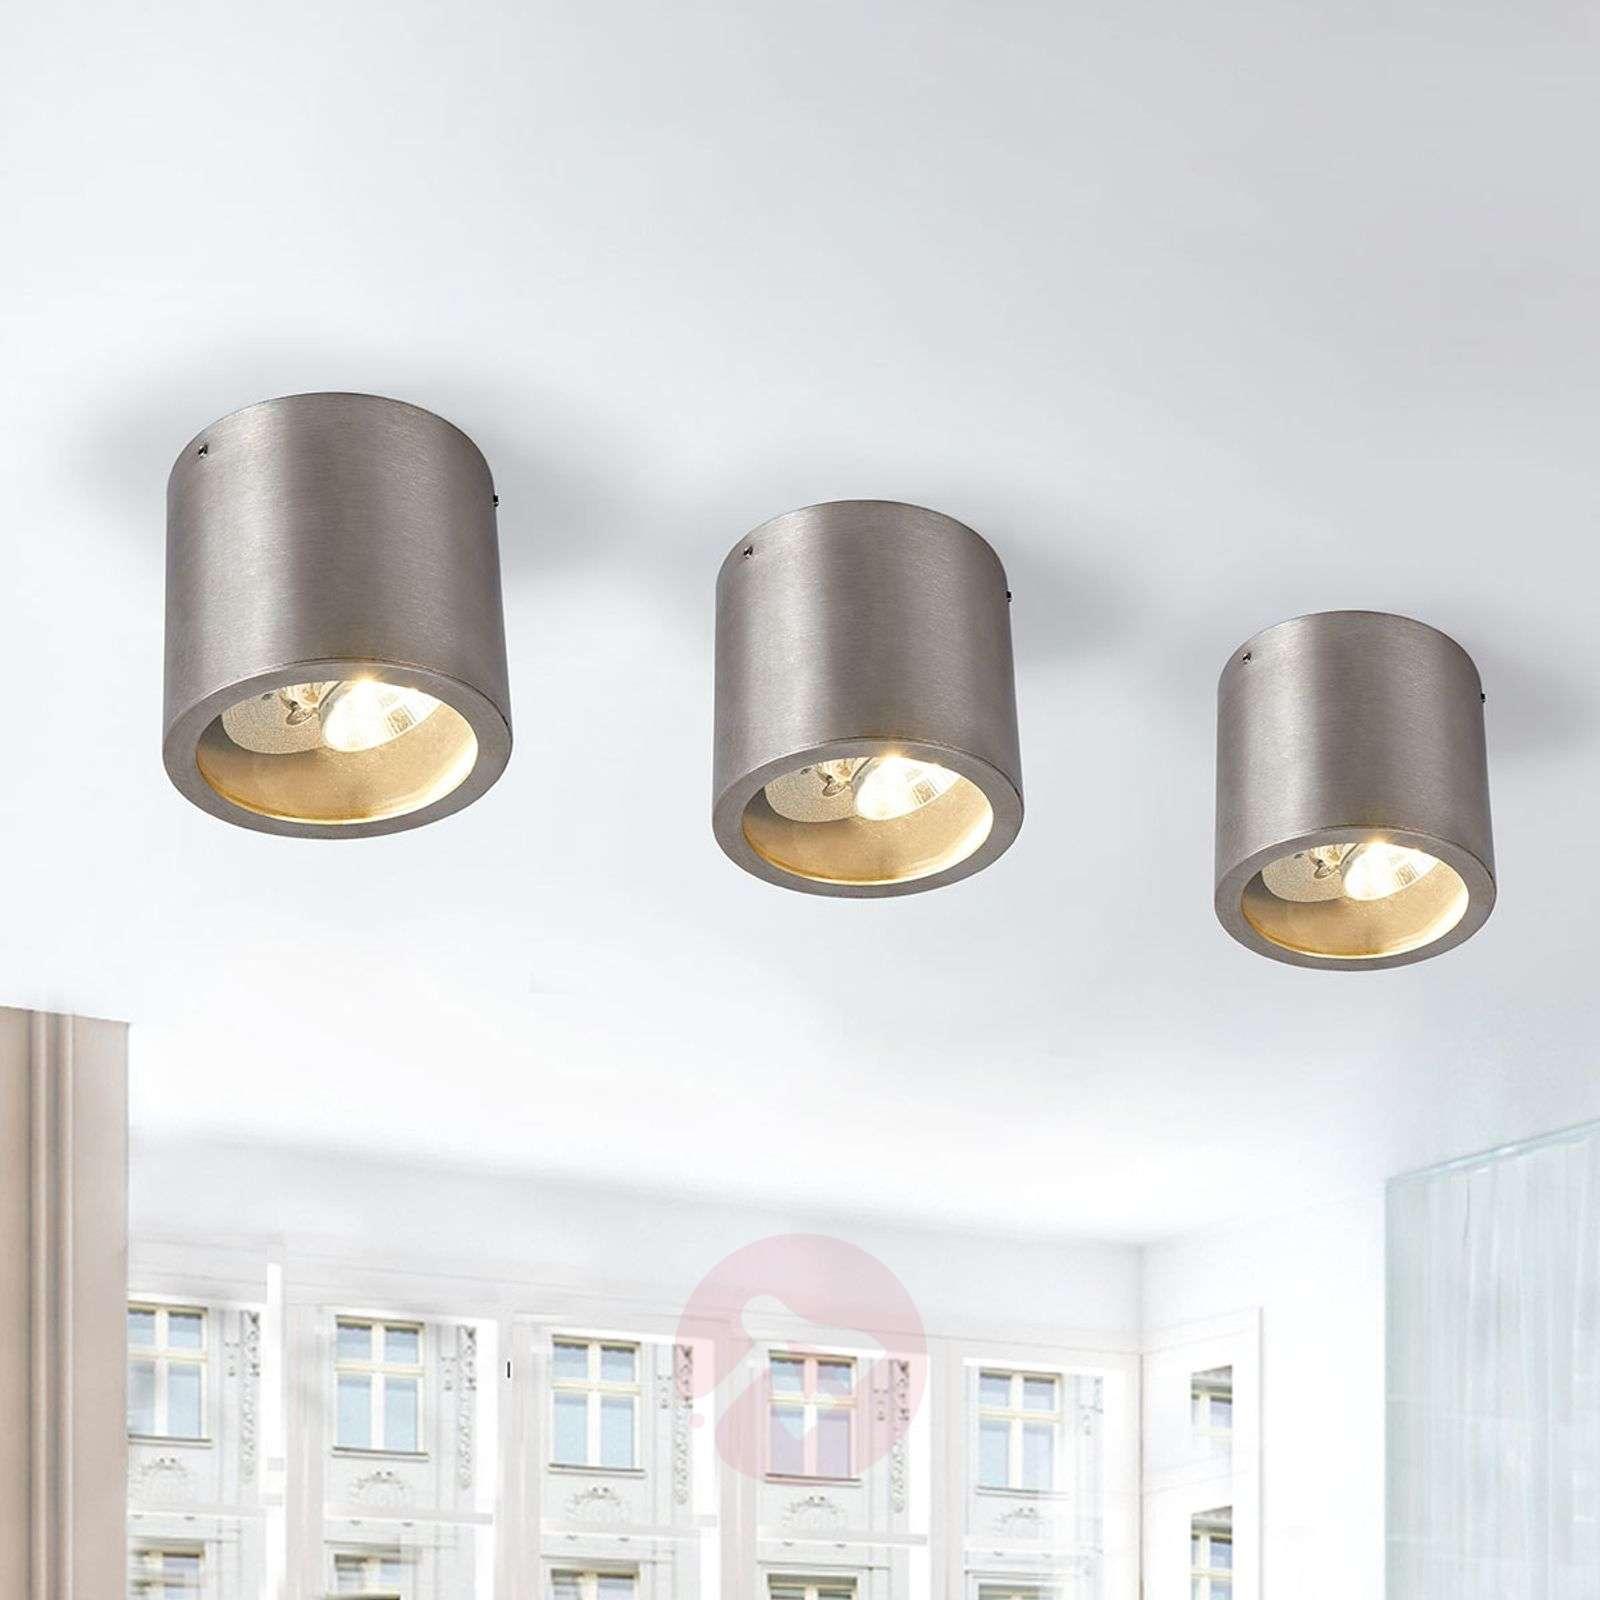 Carlo-kattospotti LEDeillä, ruostumaton teräs-4000368-01